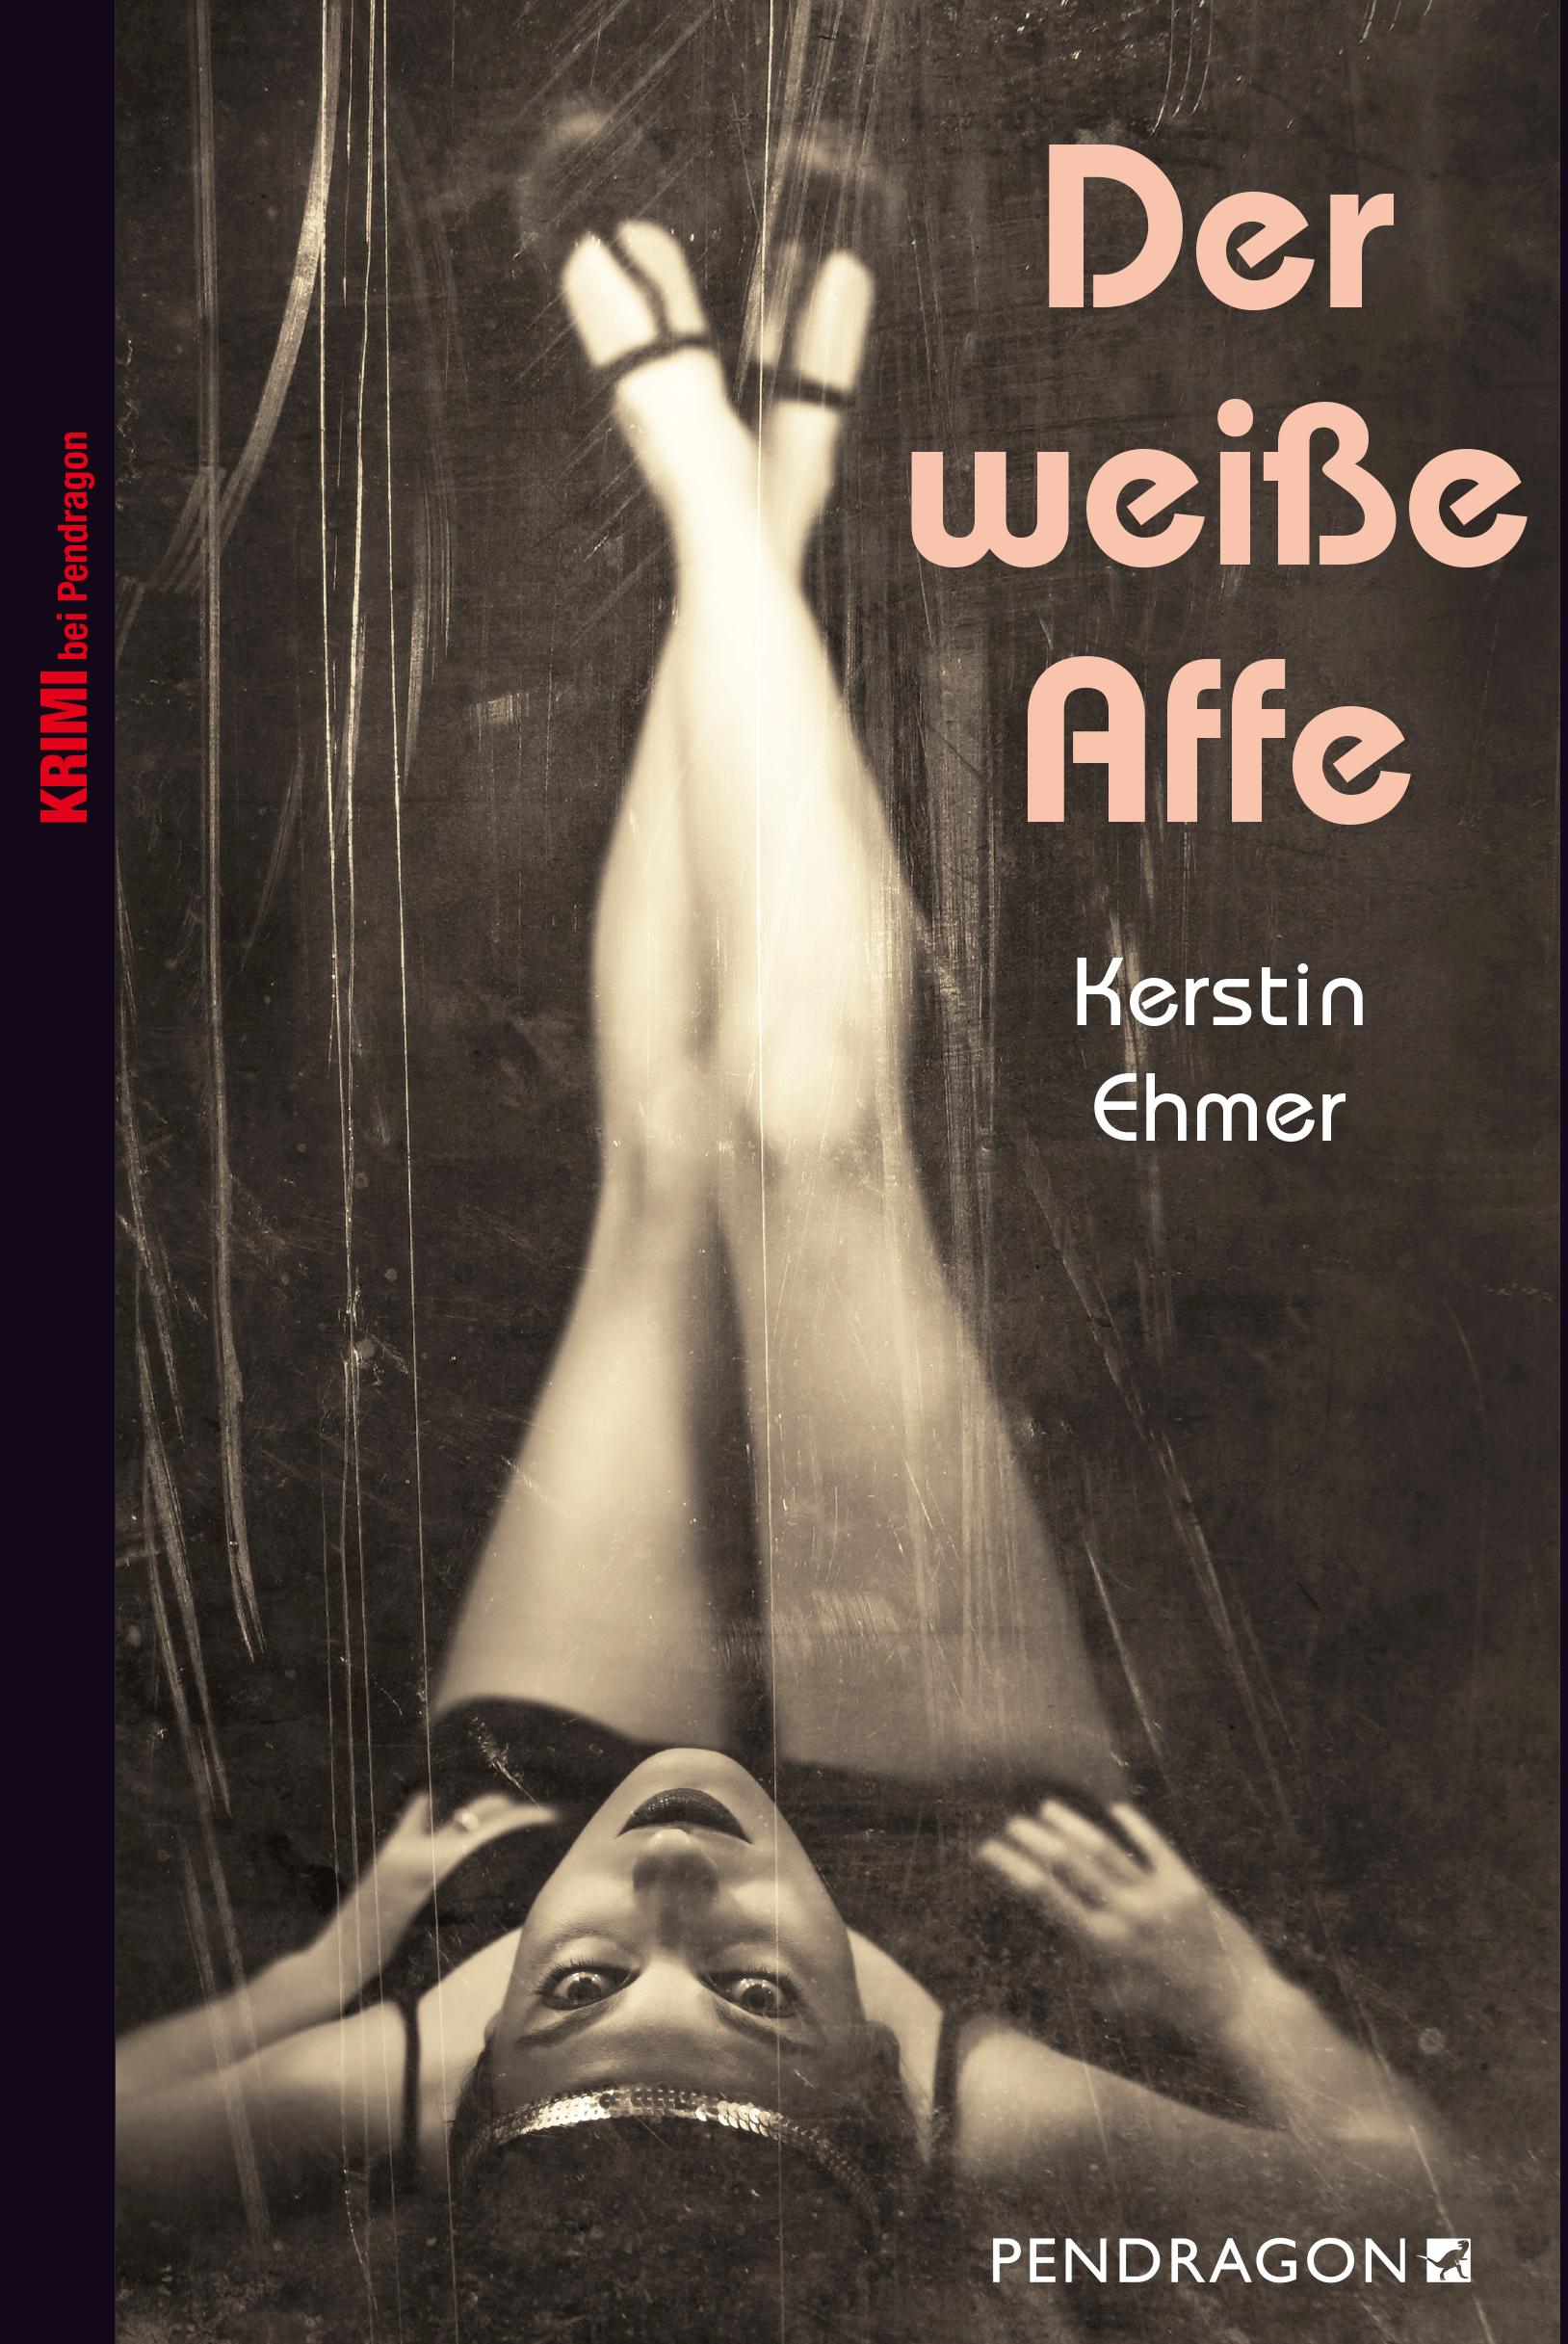 Kerstin-Ehmer-Der-weisse-Affe9783865325846